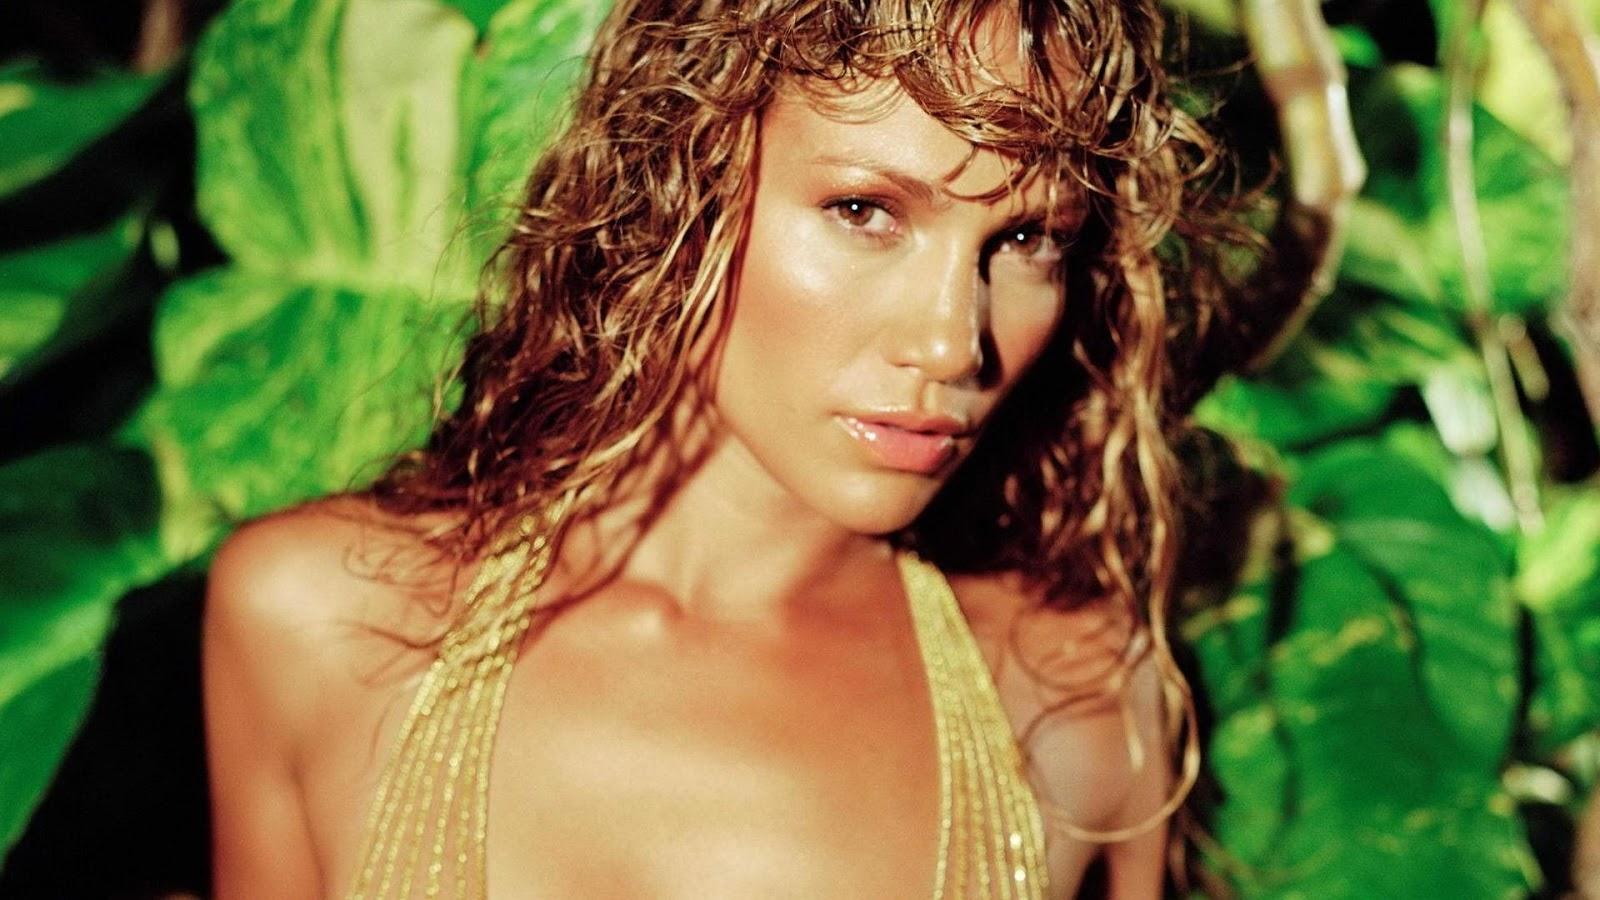 http://1.bp.blogspot.com/-4KsLl-MN3UY/T4567Sed_fI/AAAAAAAAB5E/jfvA_IWJ0yQ/s1600/Jennifer-Lopez-Hot-Sexy-Hd-Wallpapers-14.jpg